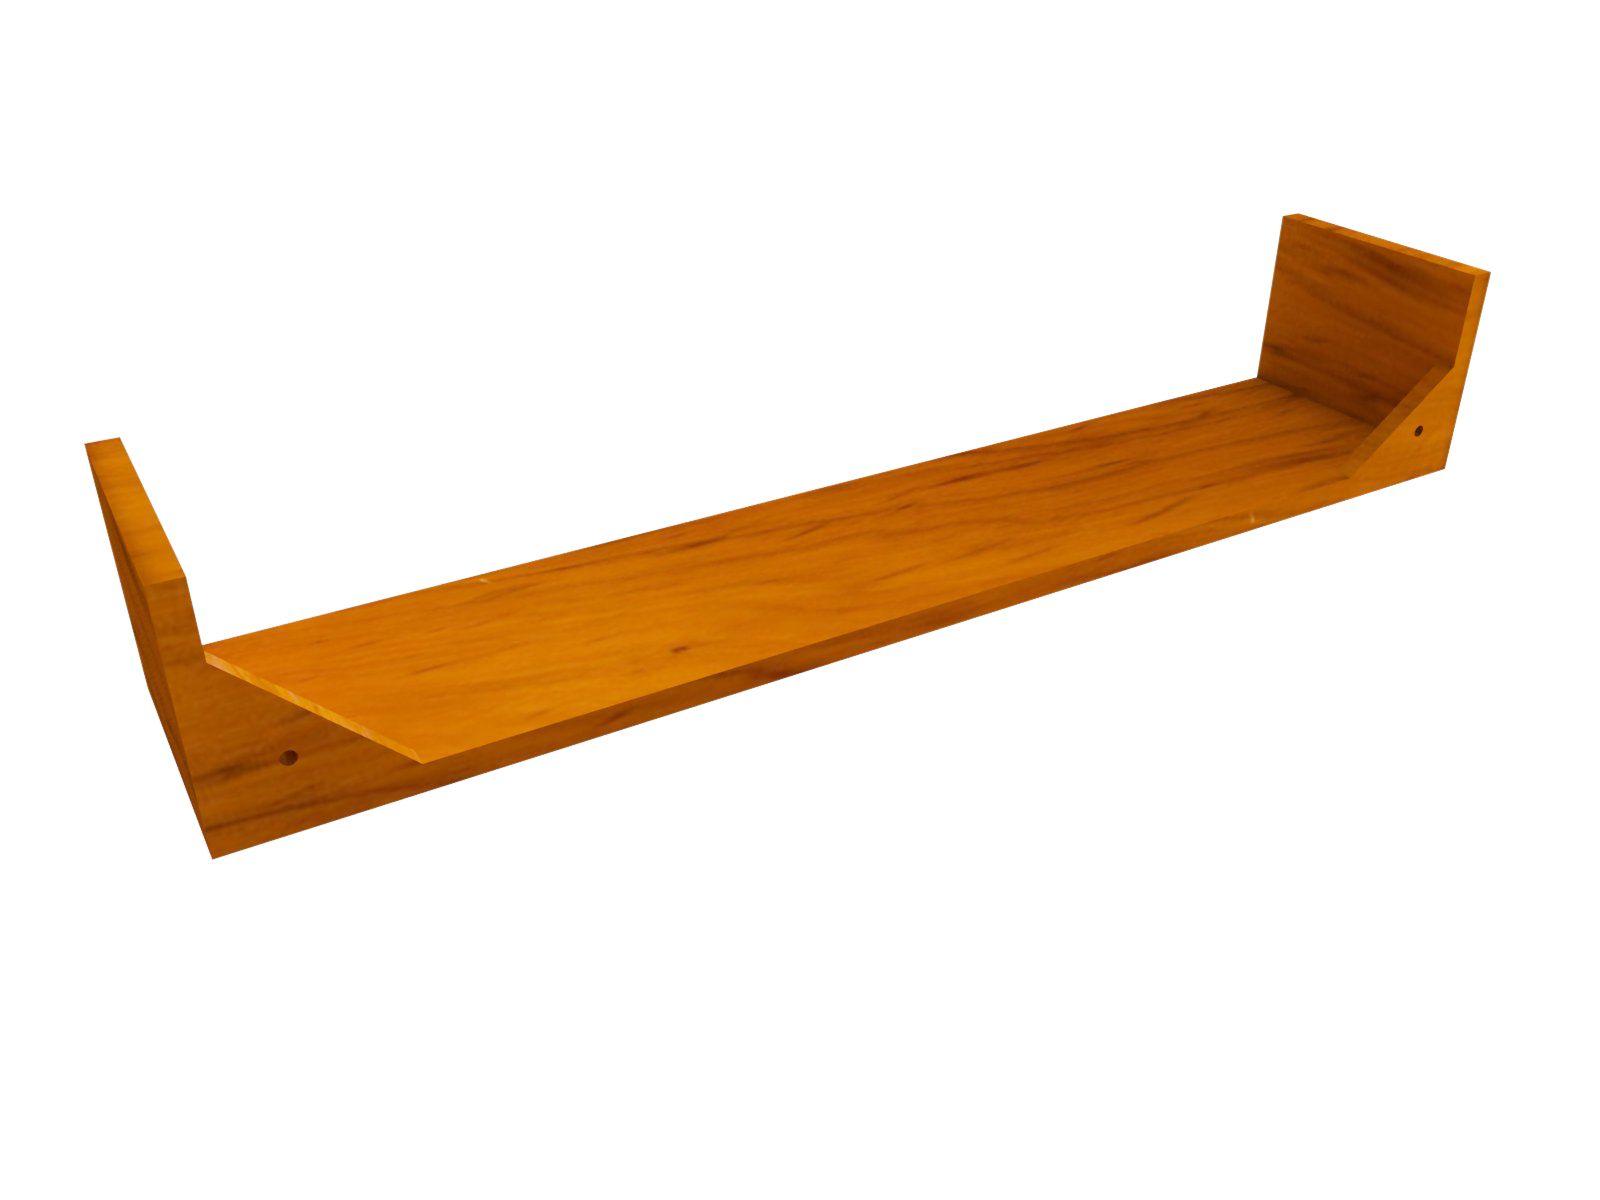 Kit 3 Prateleira em Madeira De Demolição Modelo U medindo 90x15x15